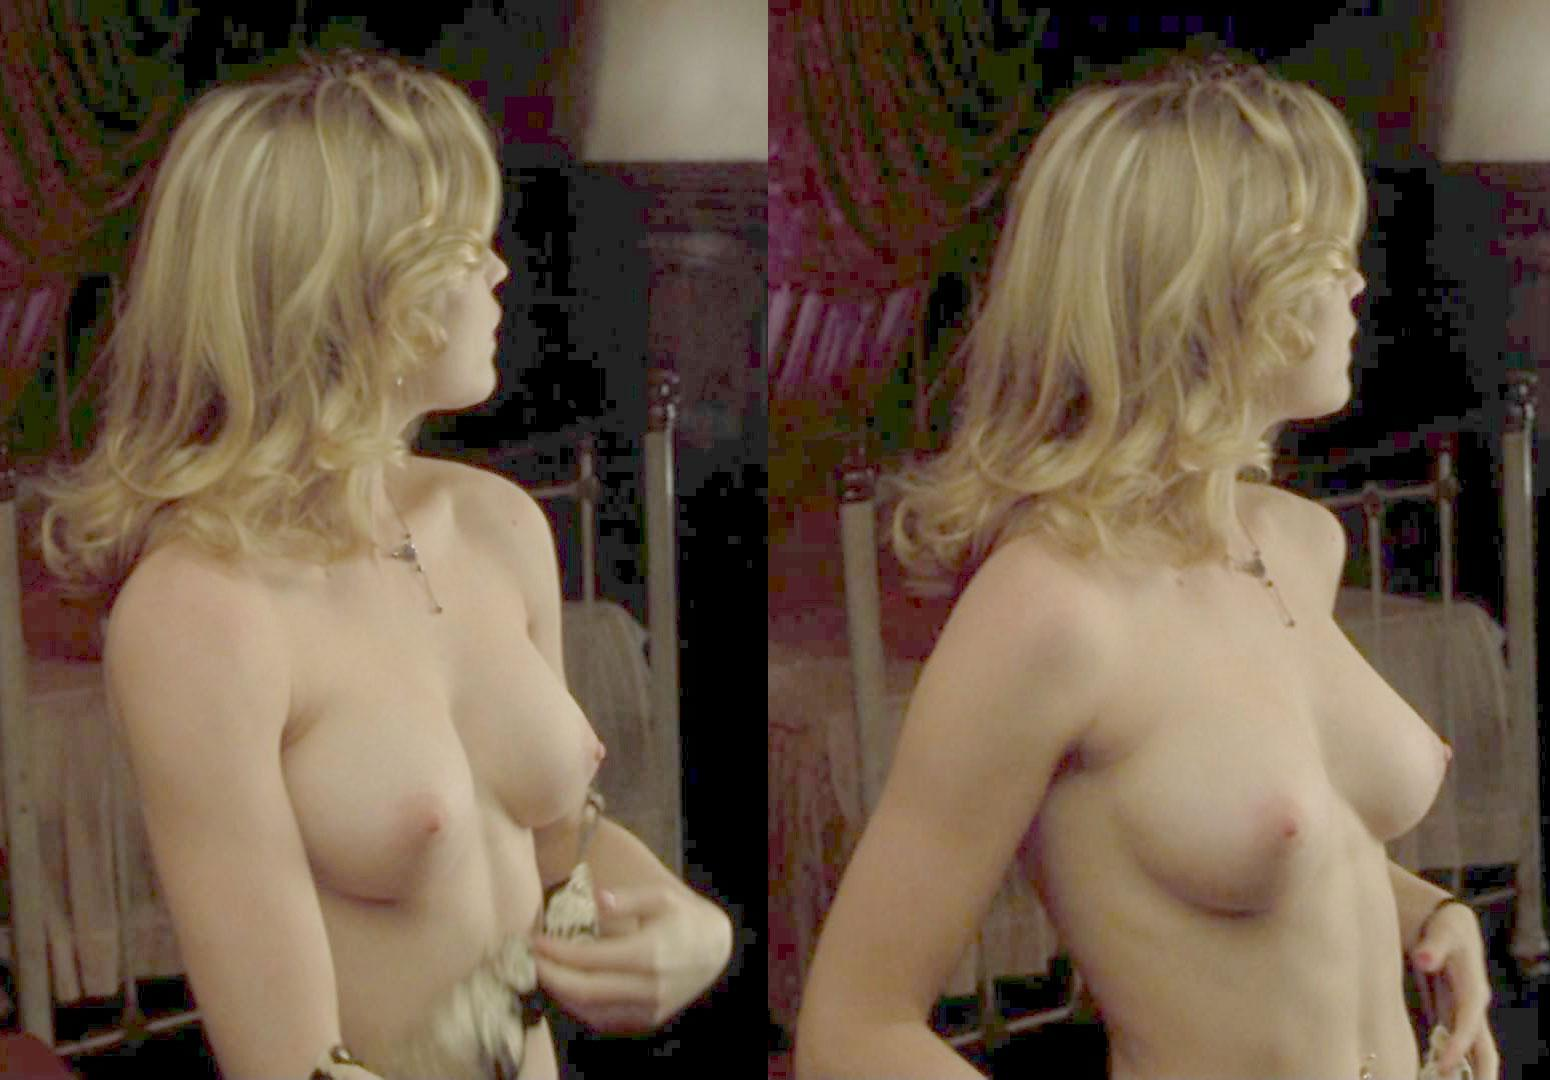 naked white women boobs